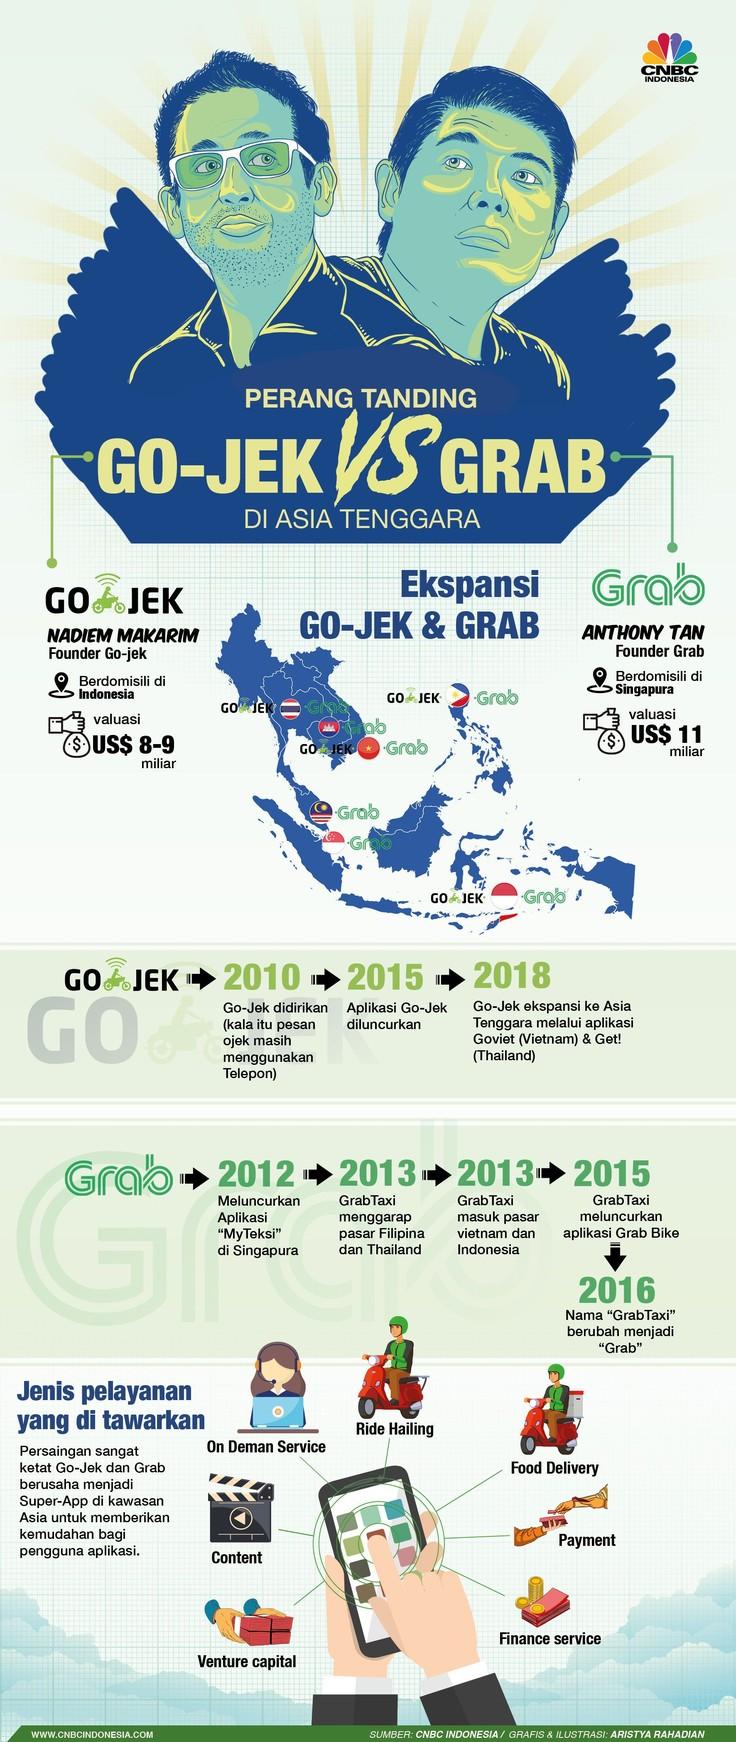 Gojek Vs Grab, Siapa Paling Kuat se-Asia Tenggara?